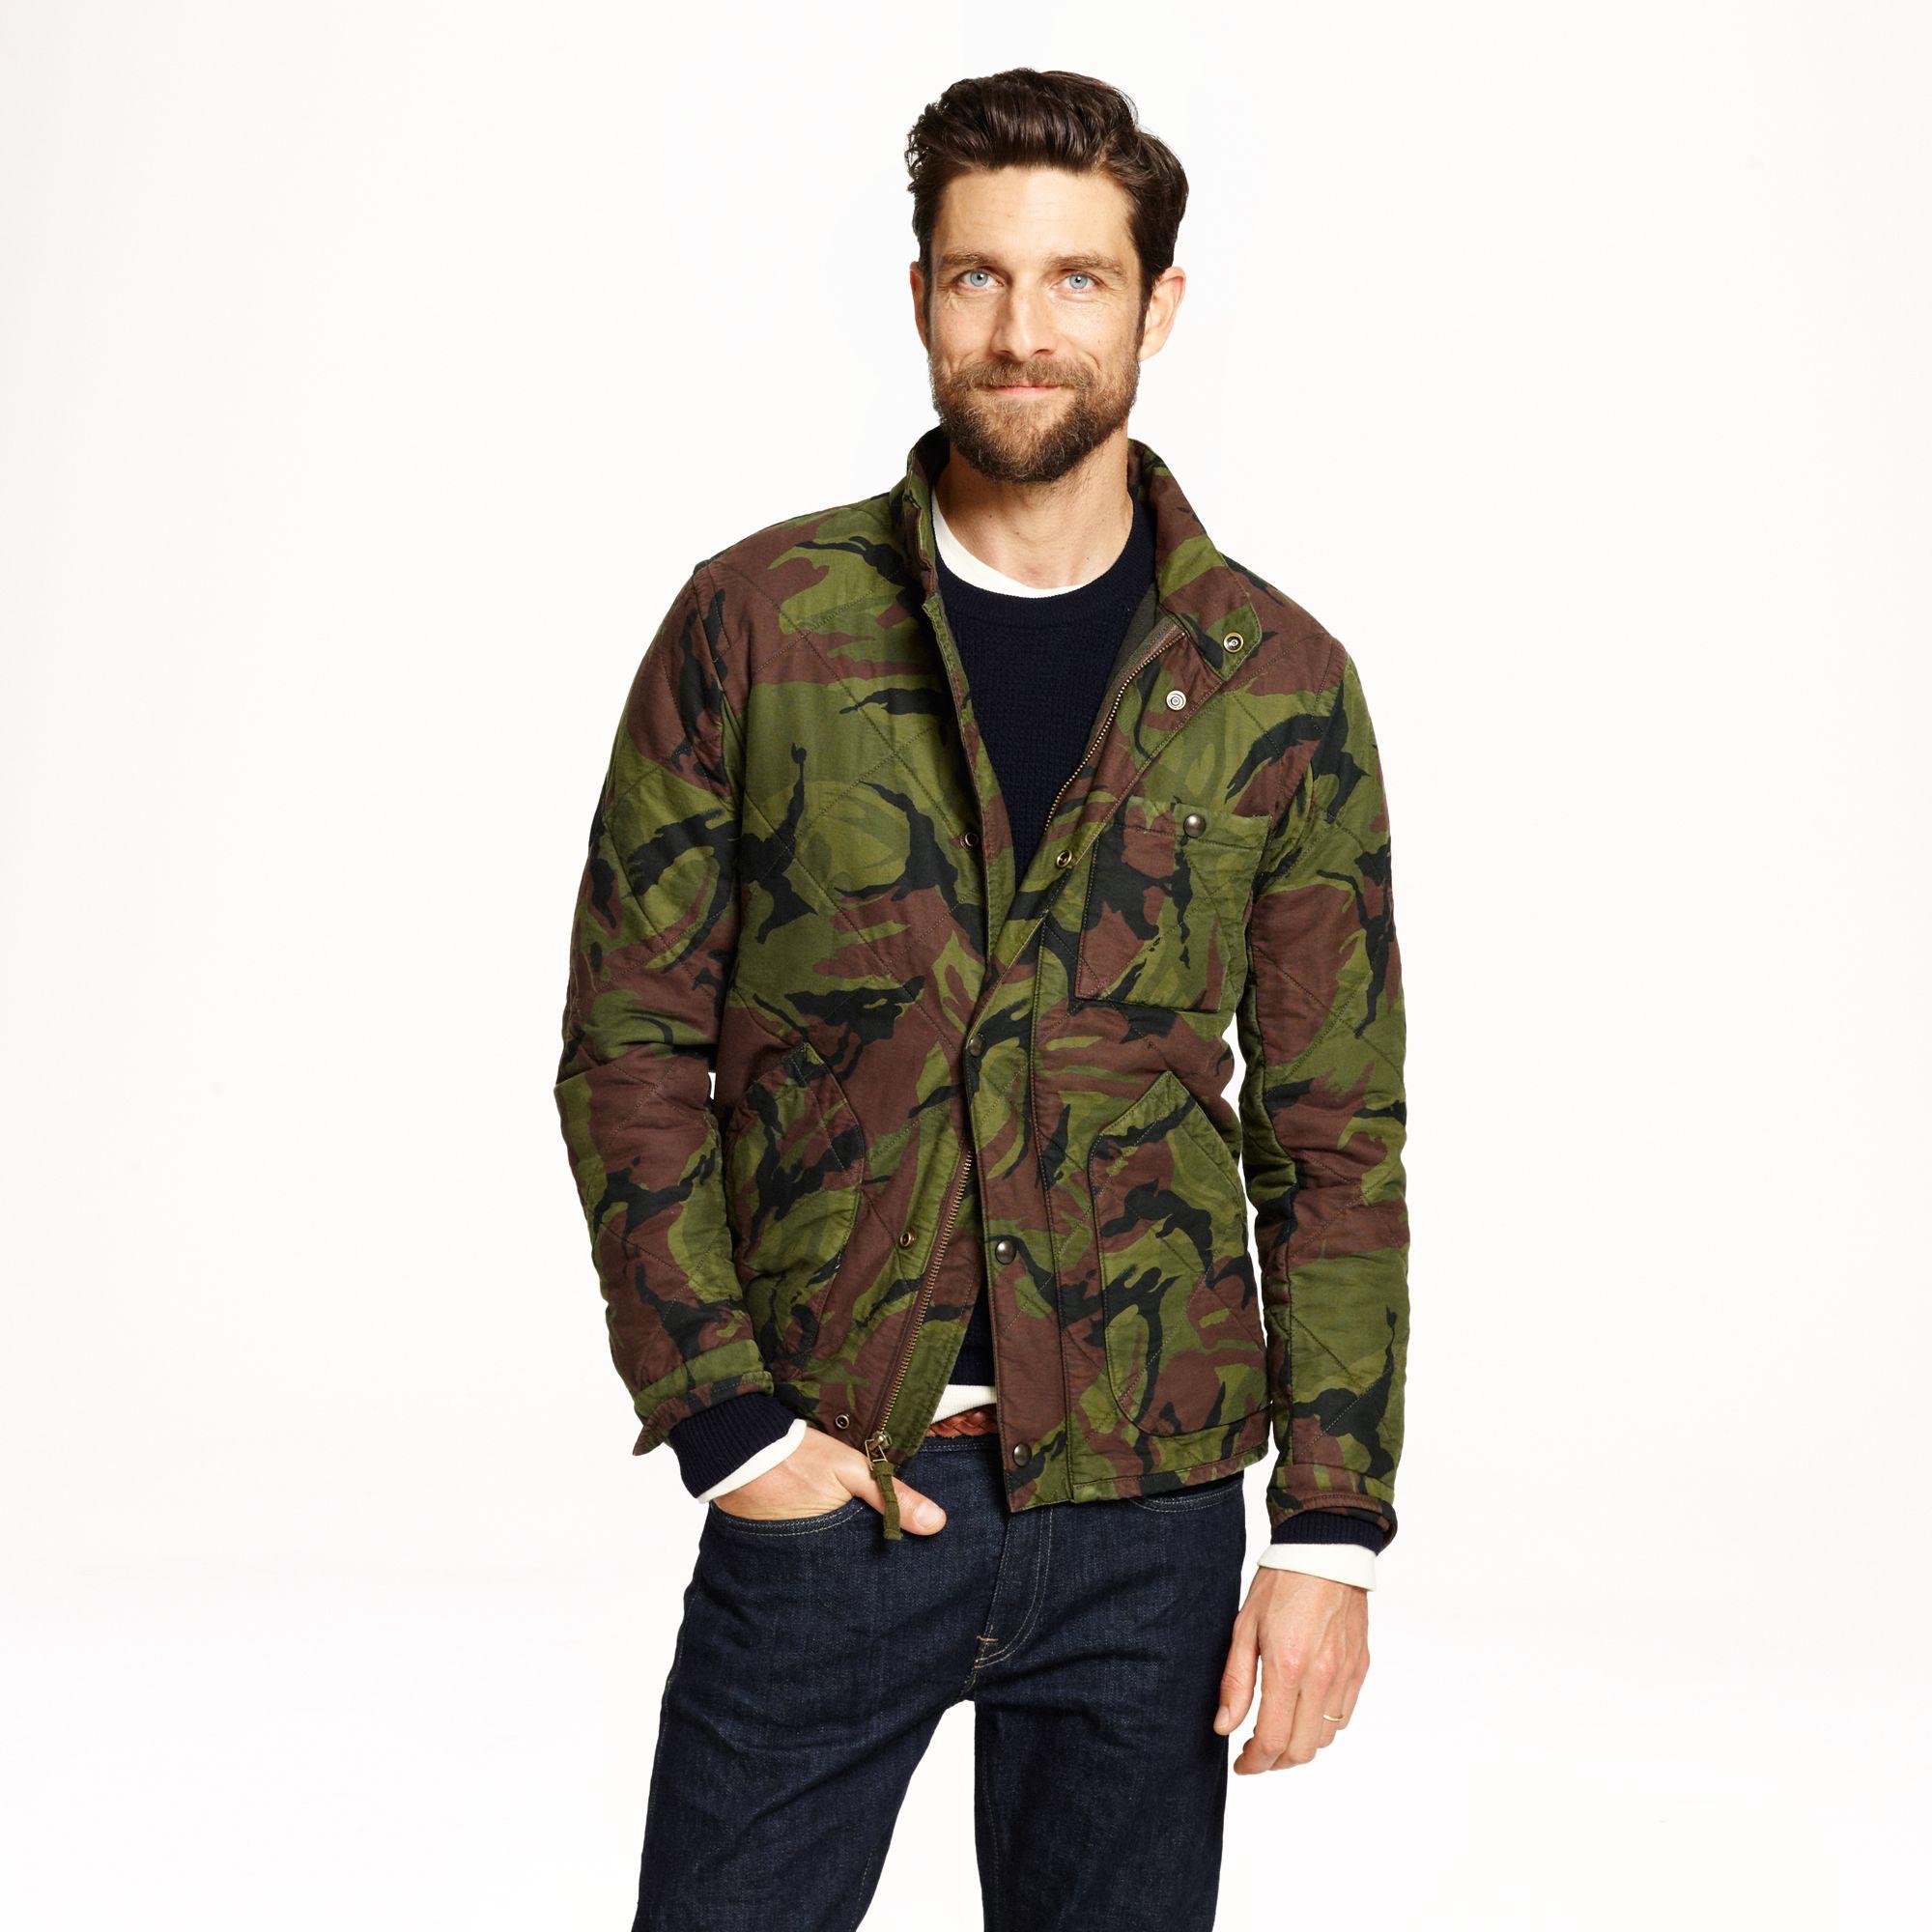 J Crew Broadmoor Quilted Jacket In Camo For Men Lyst